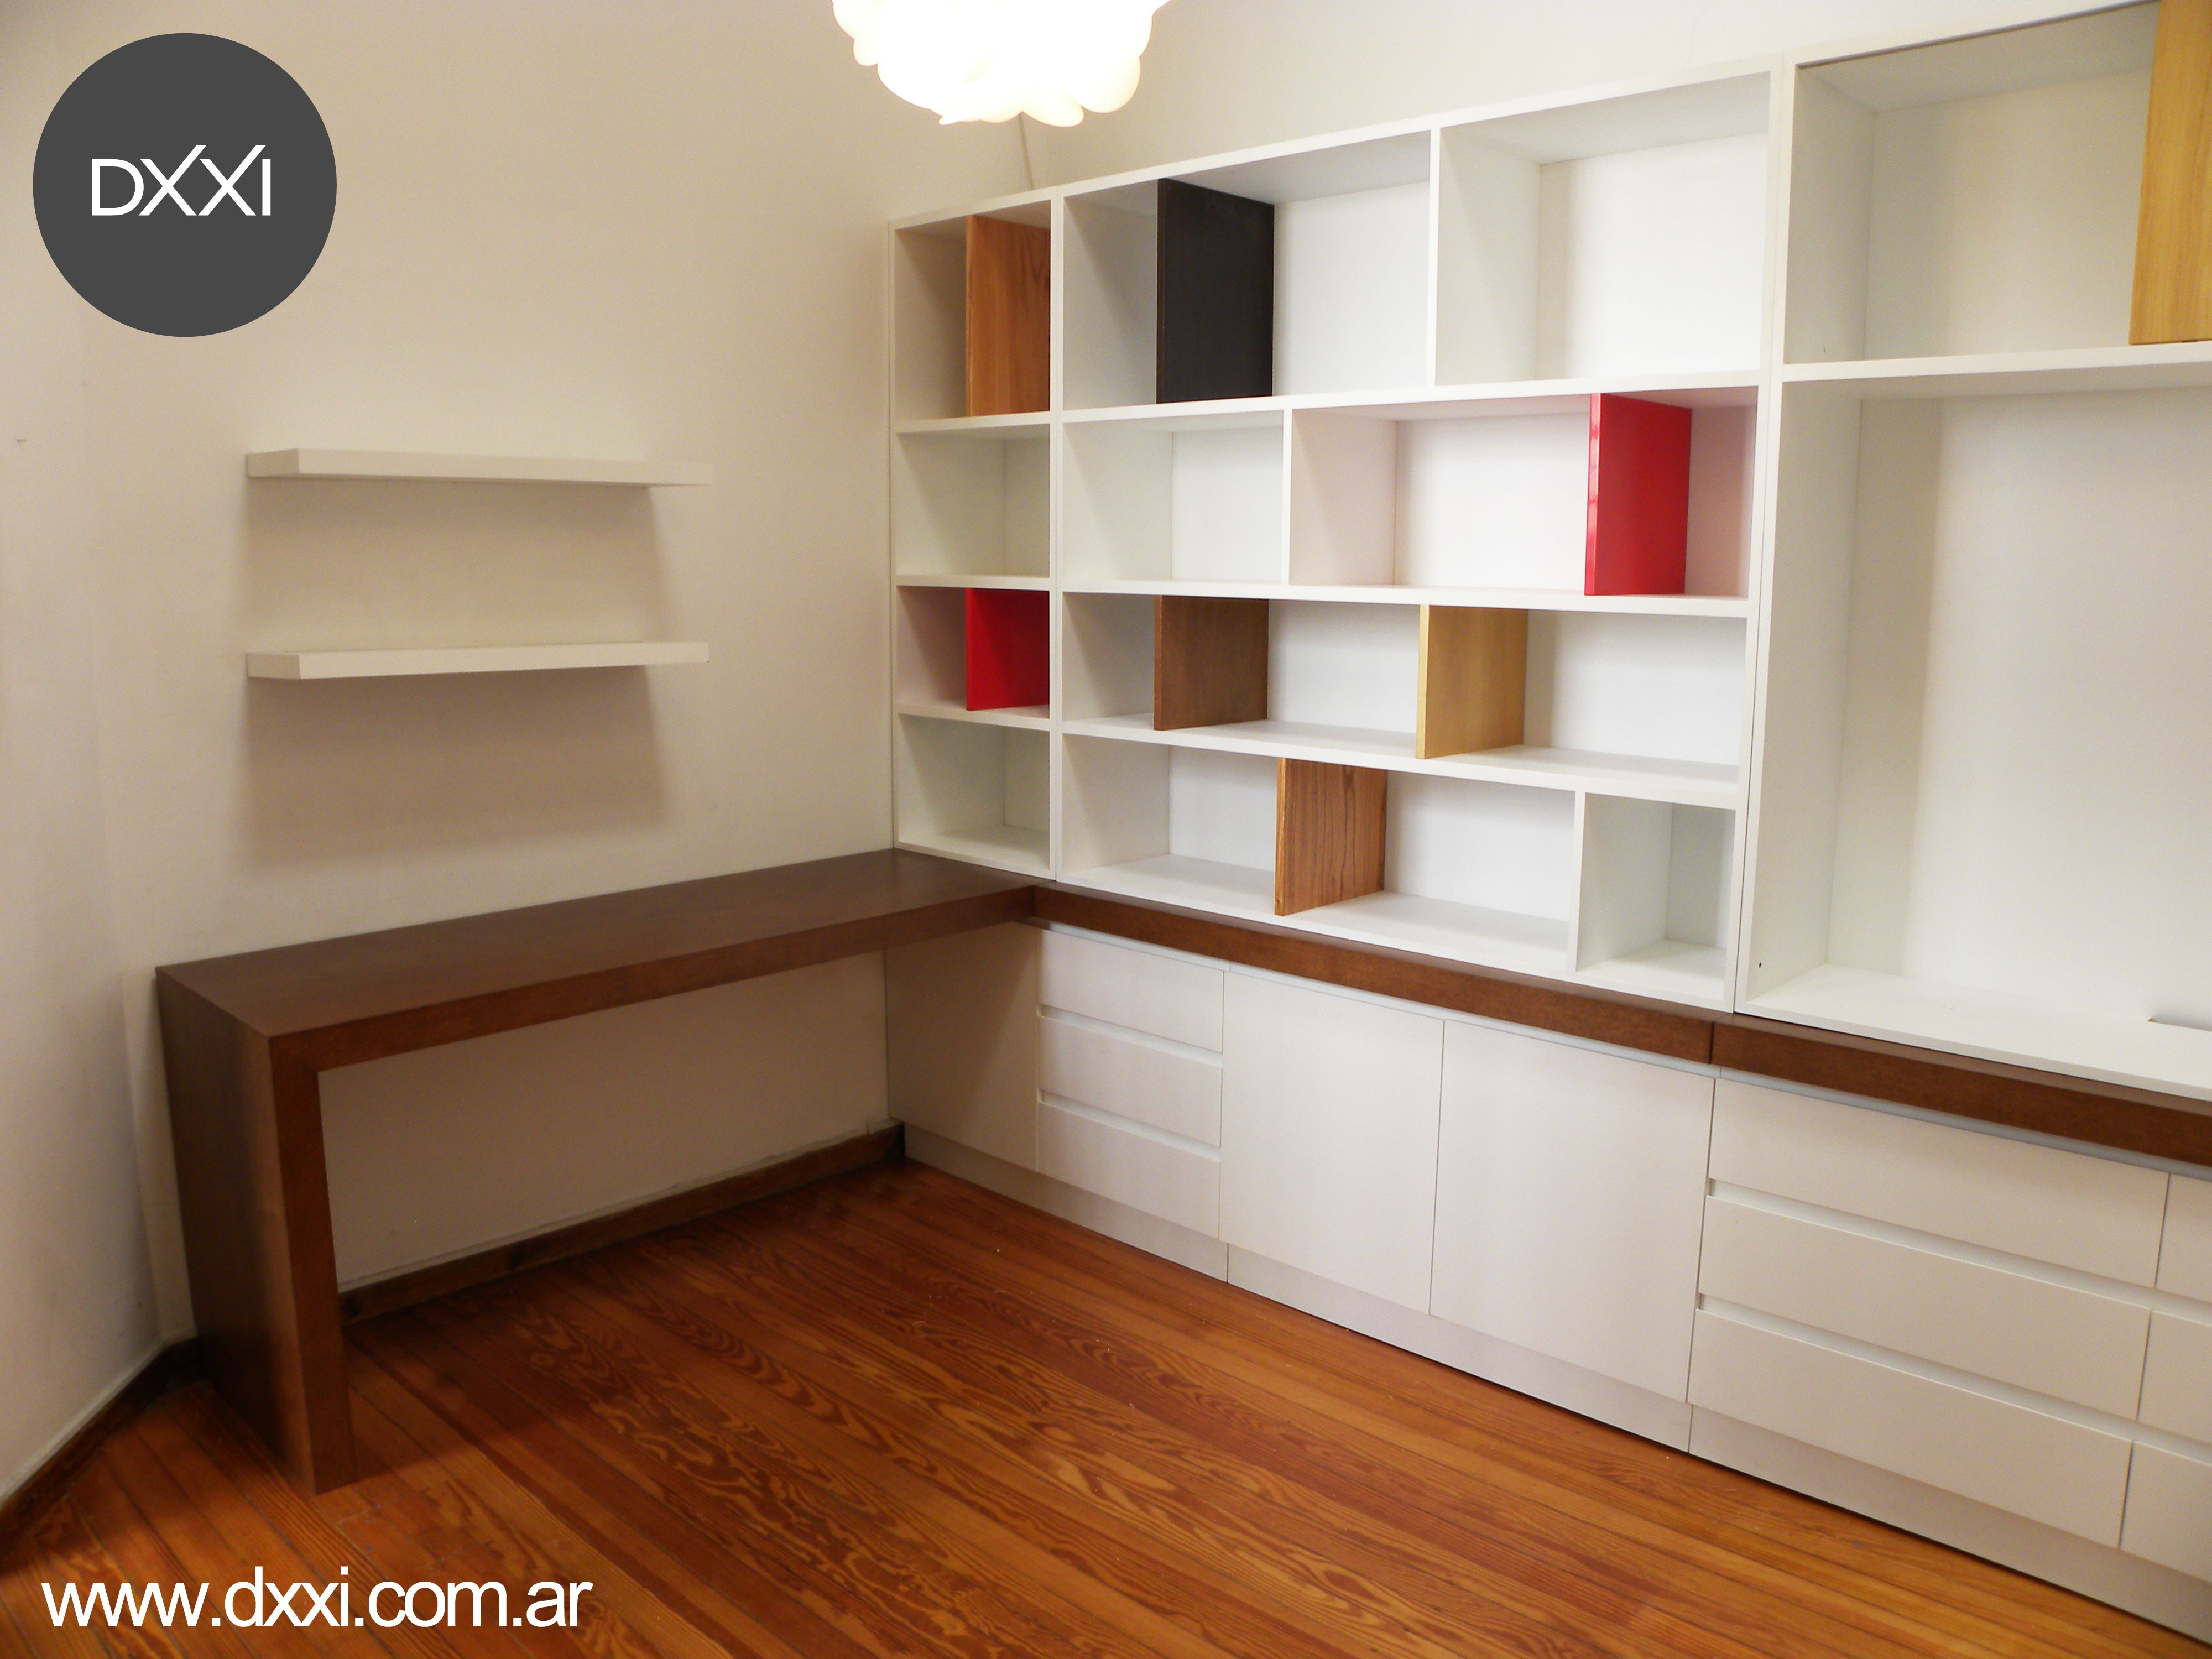 Biblioteca escritorio modelo bricolage mdf laqueado y maderas enchapadas con lustre - Muebles de escritorio para casa ...